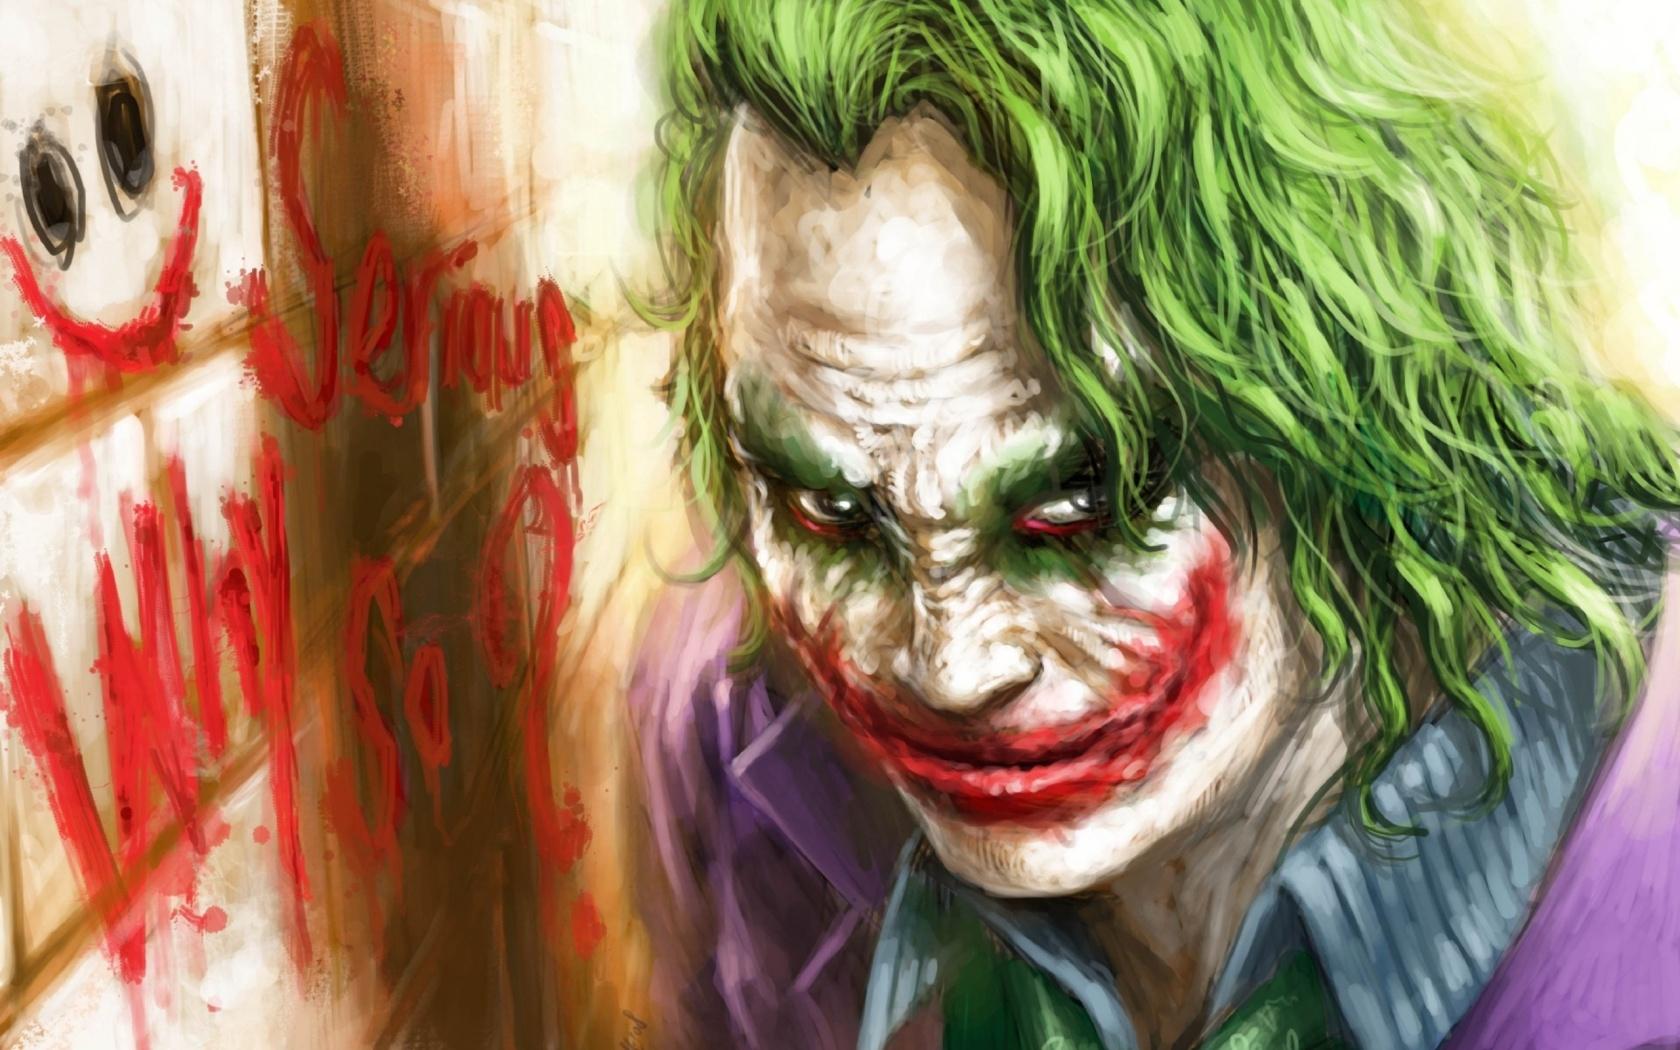 46+ Joker Wallpaper for Windows on WallpaperSafari